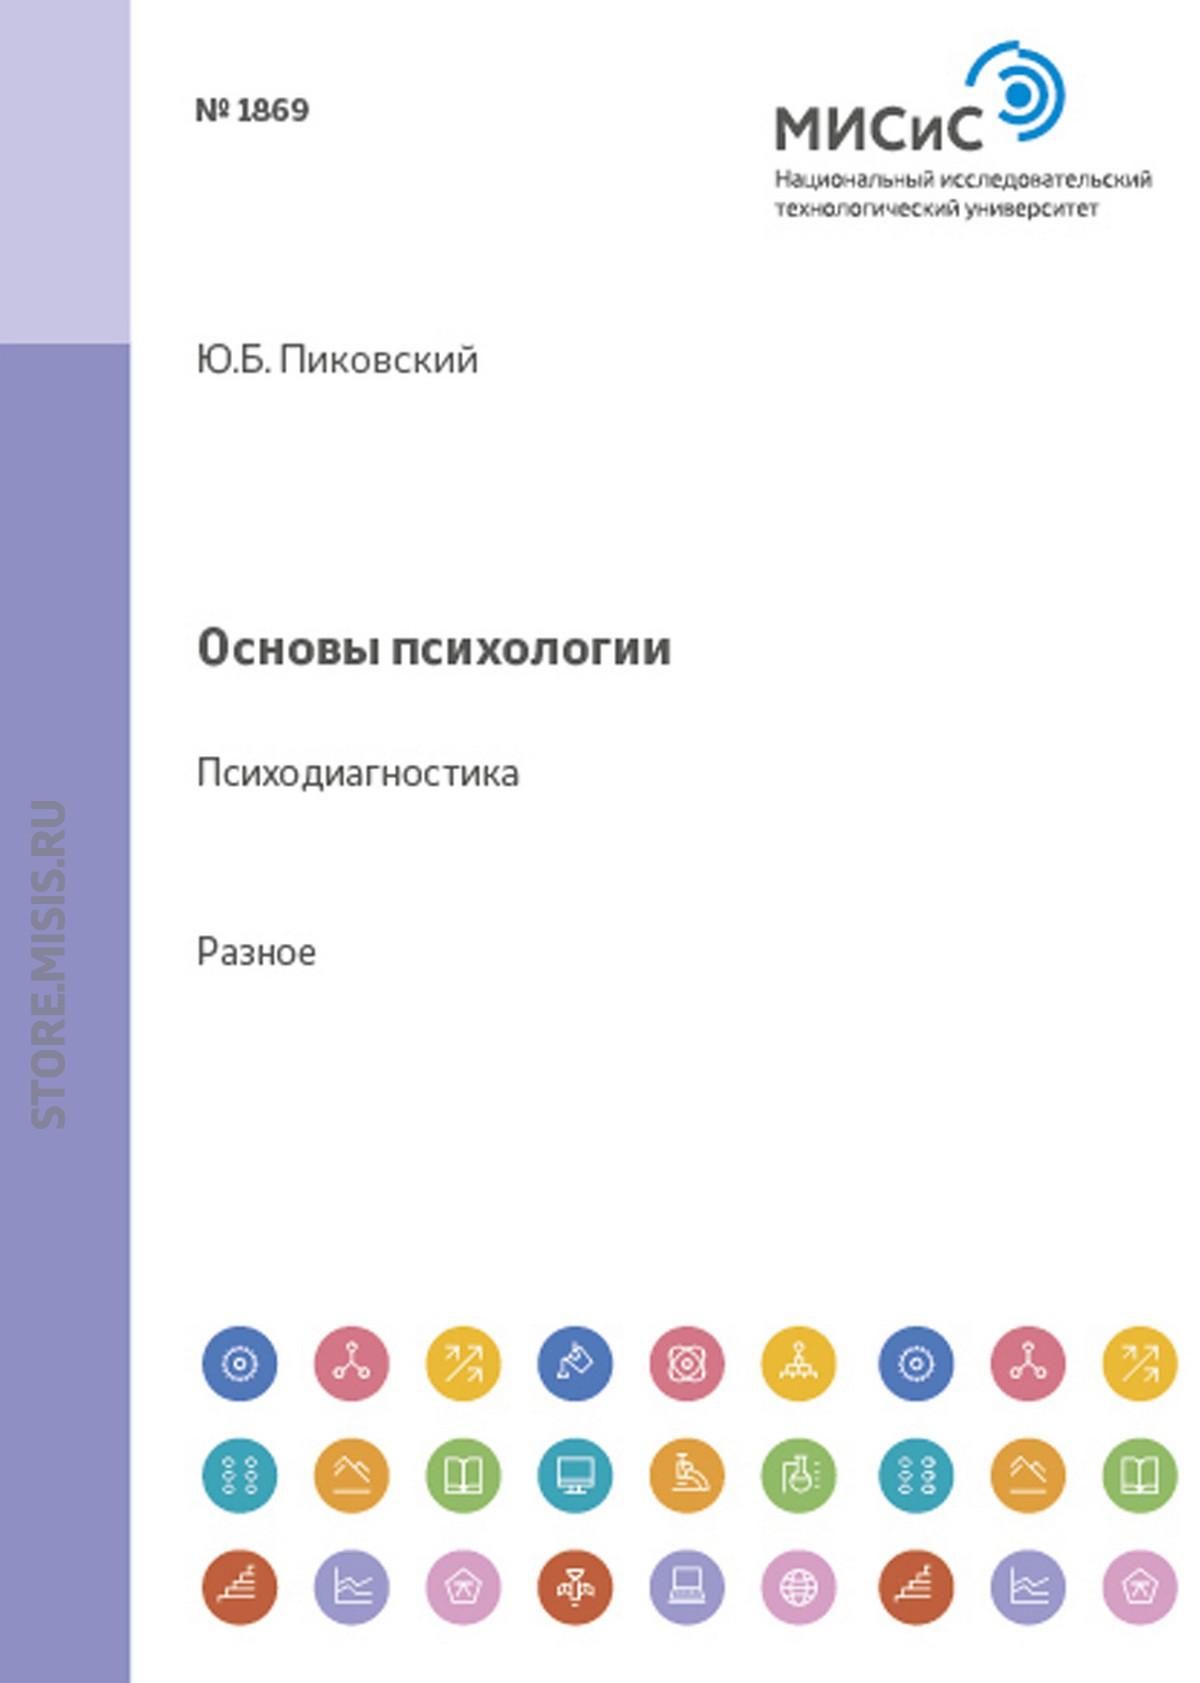 Юрий Пиковский Основы психологии. Психодиагностика